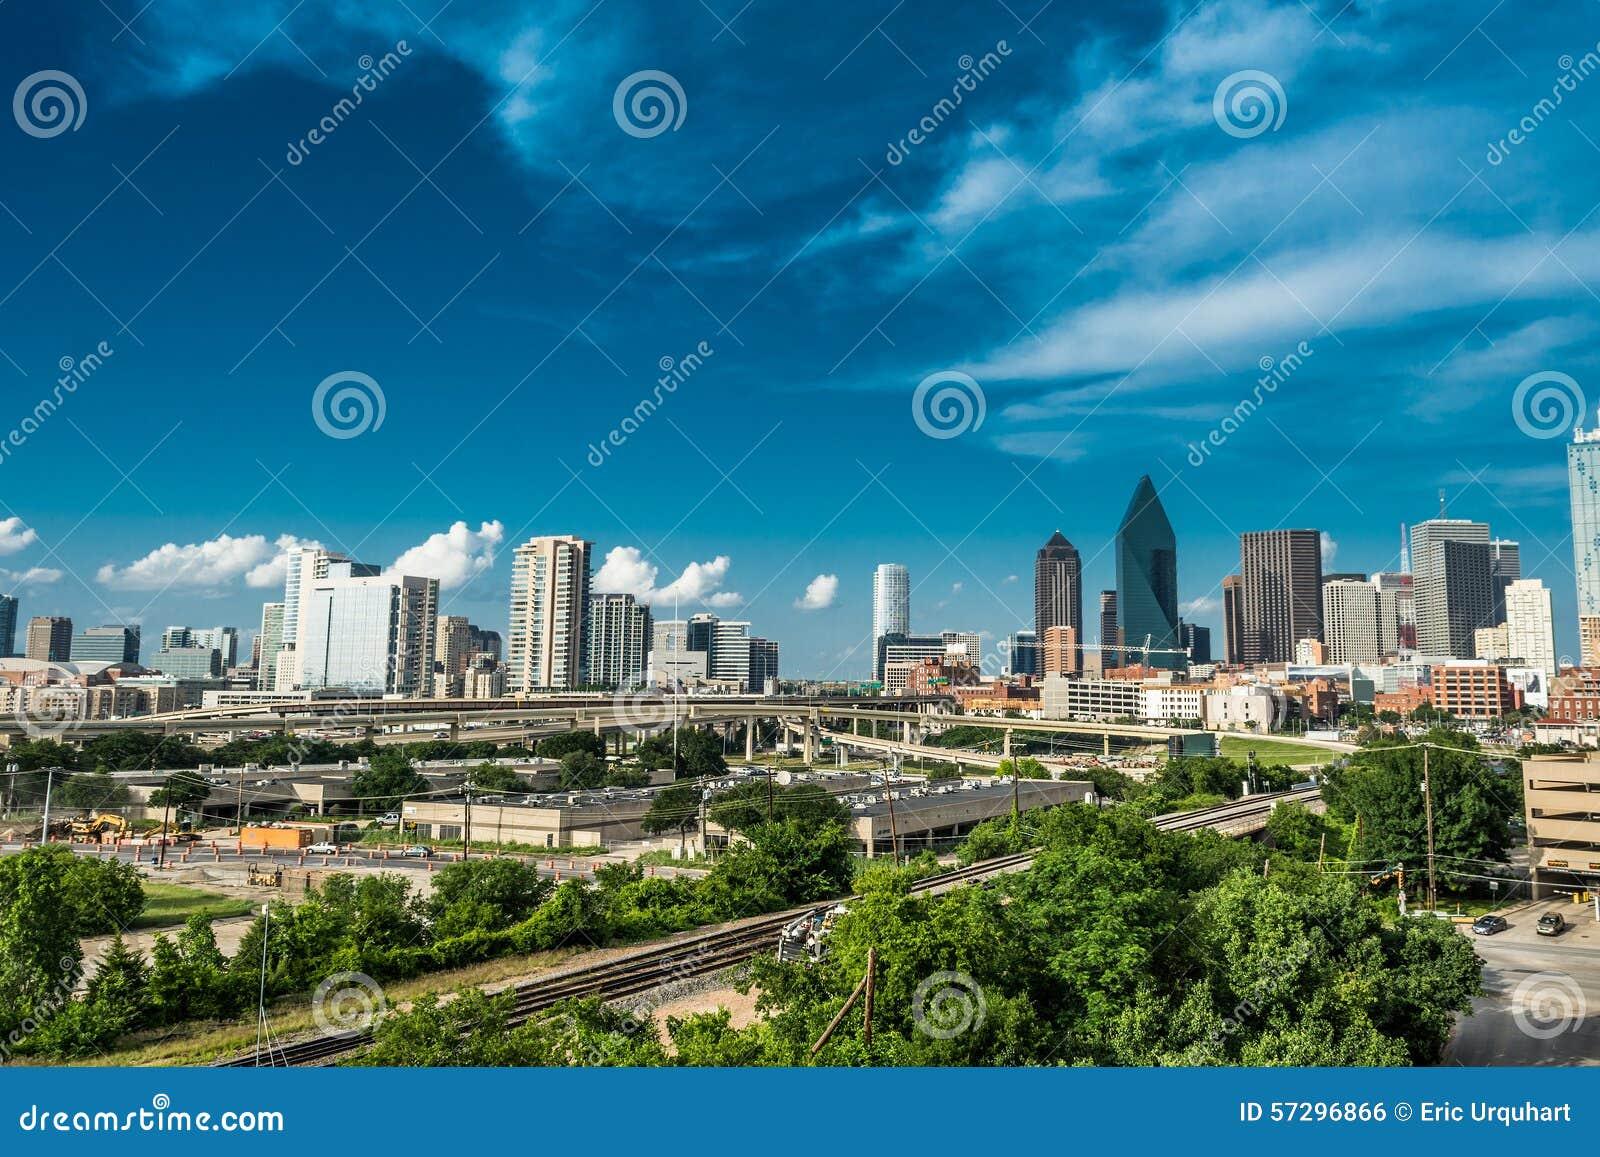 Dallas_Transpo